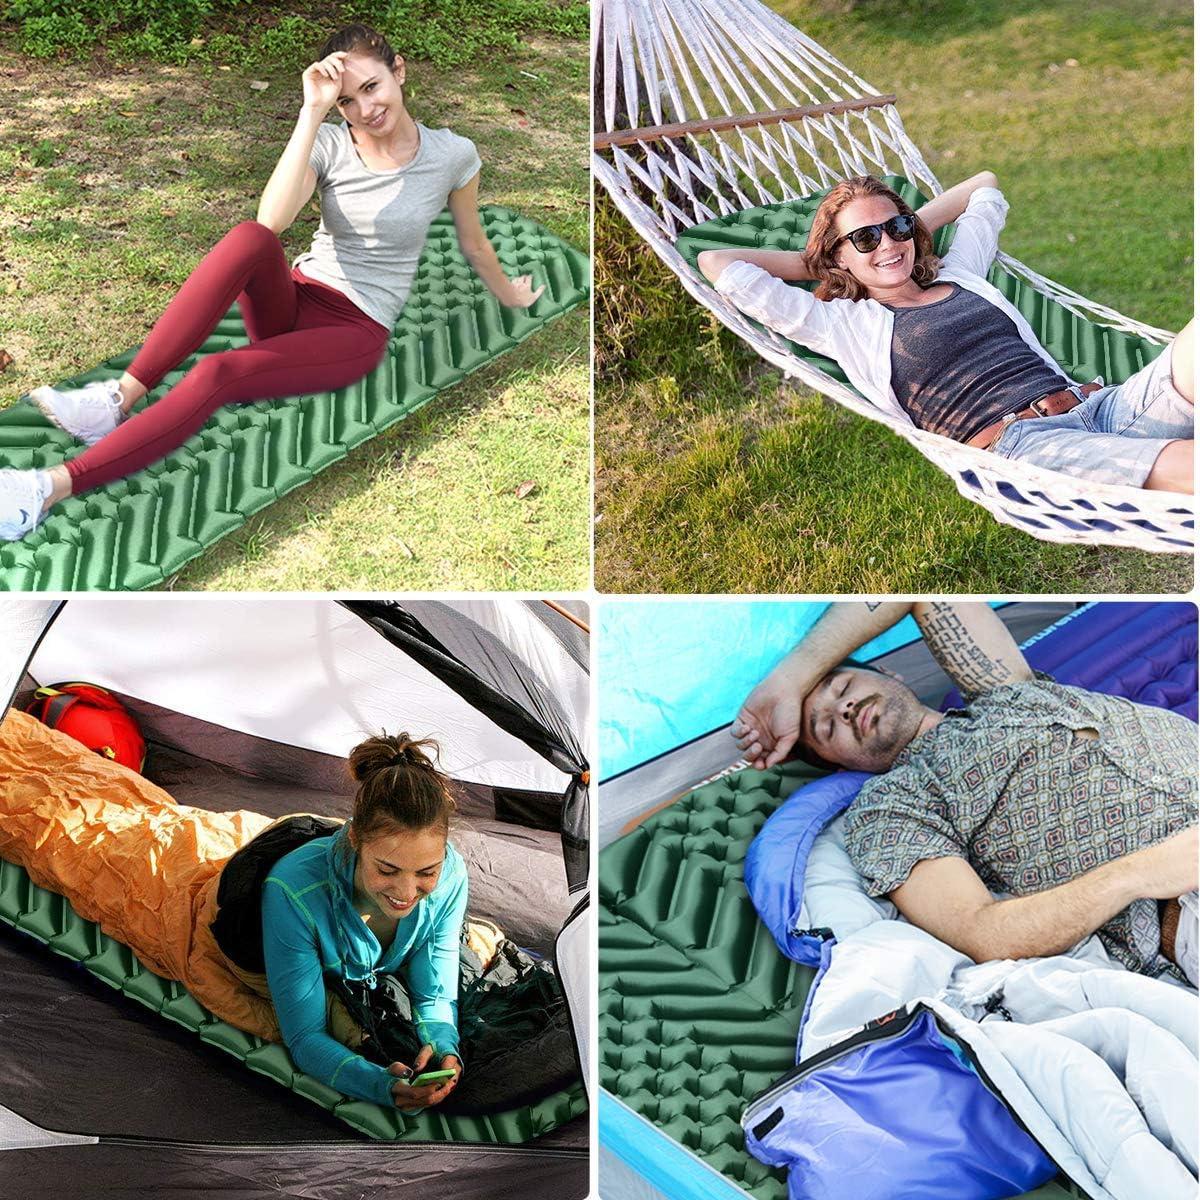 Viajes Playa Osaloe Esterilla Hinchable para Acampar Esterilla Acampada Inflable y Plegable 40D Colchoneta Impermeable para Camping Senderismo Escalada Actividades al Aire Libre